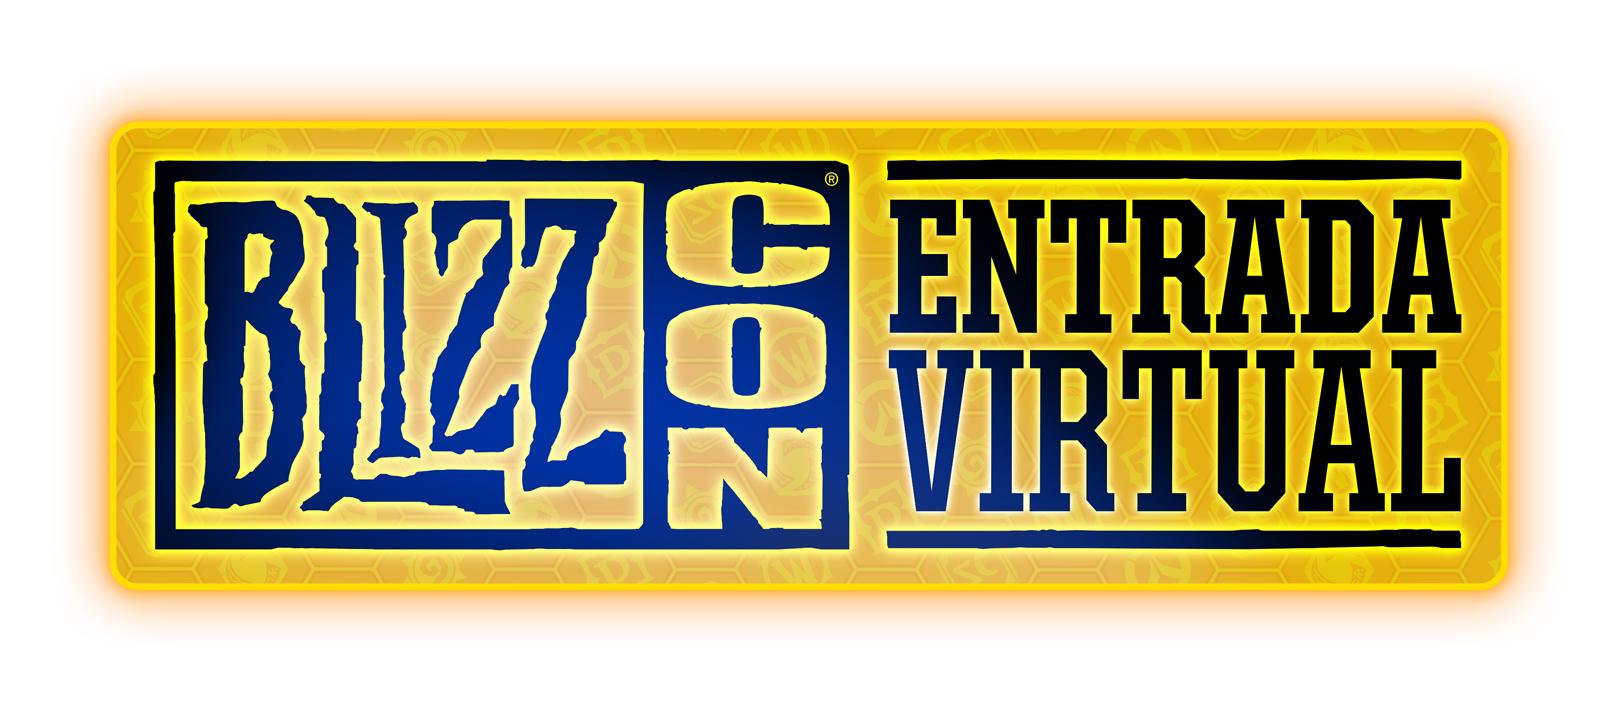 Entrada Virtual Blizzcon - 29,99 € (10 € menos)